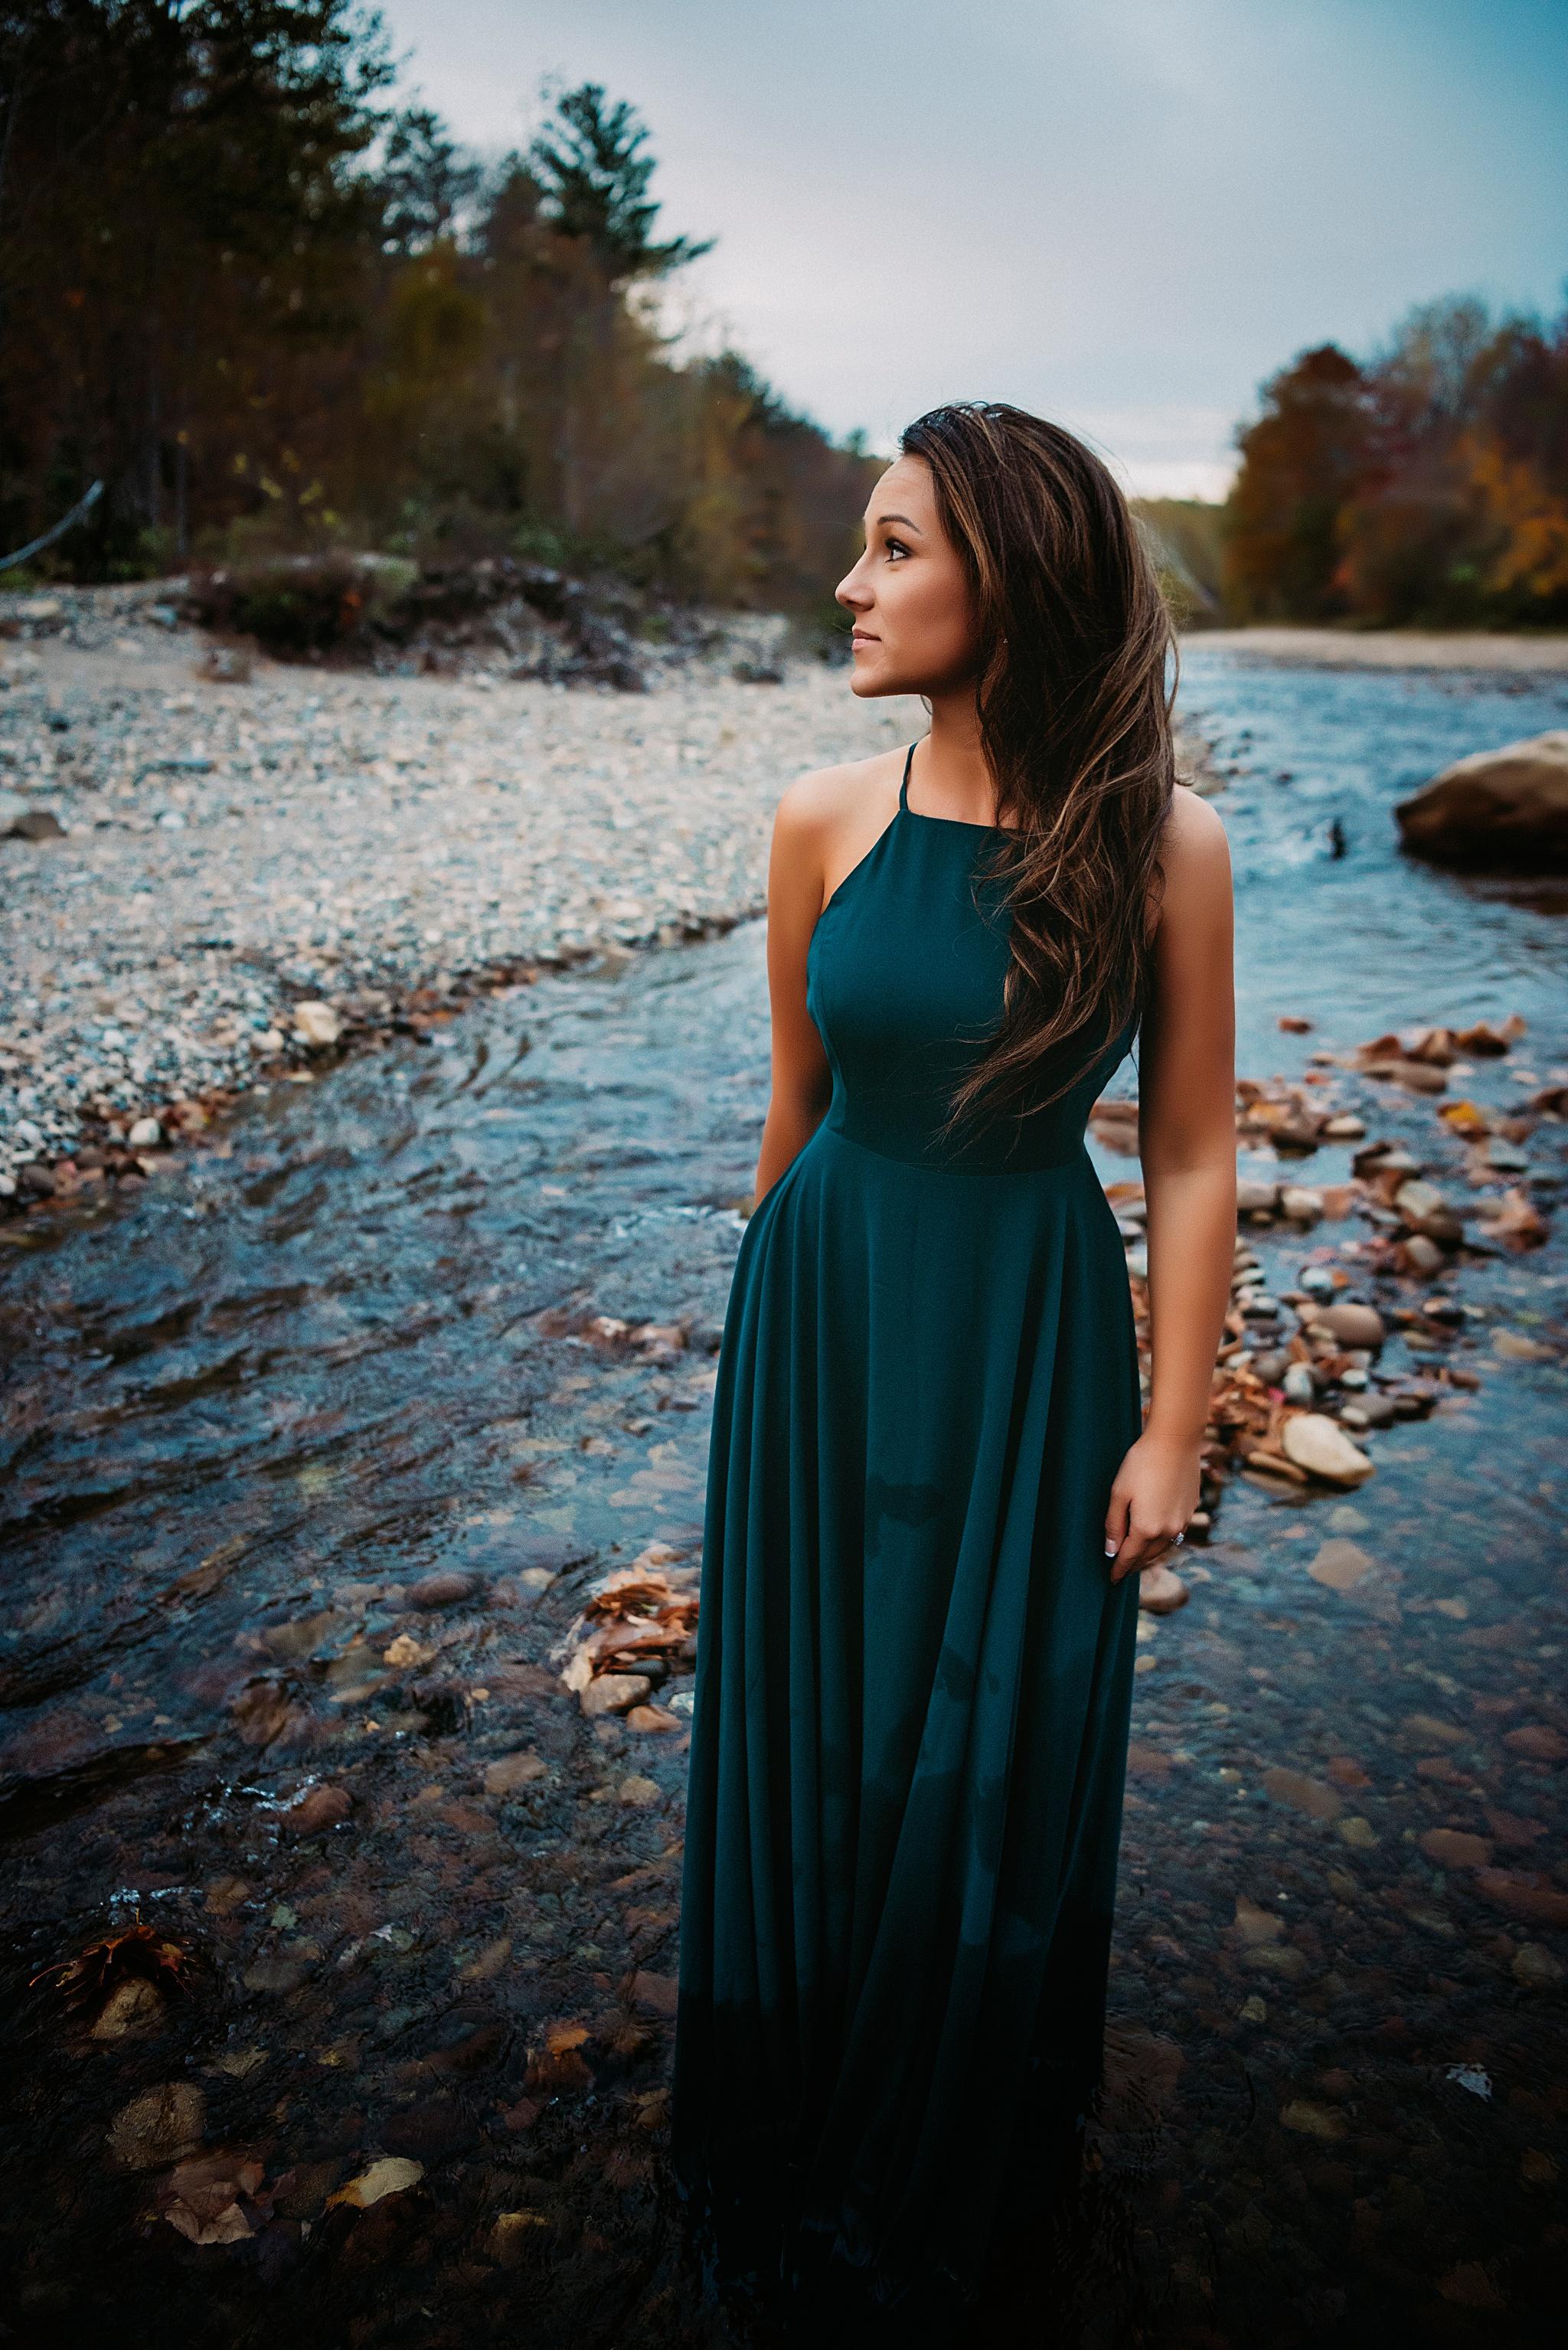 Britt Levesque - Maine Hair & Makeup Artist